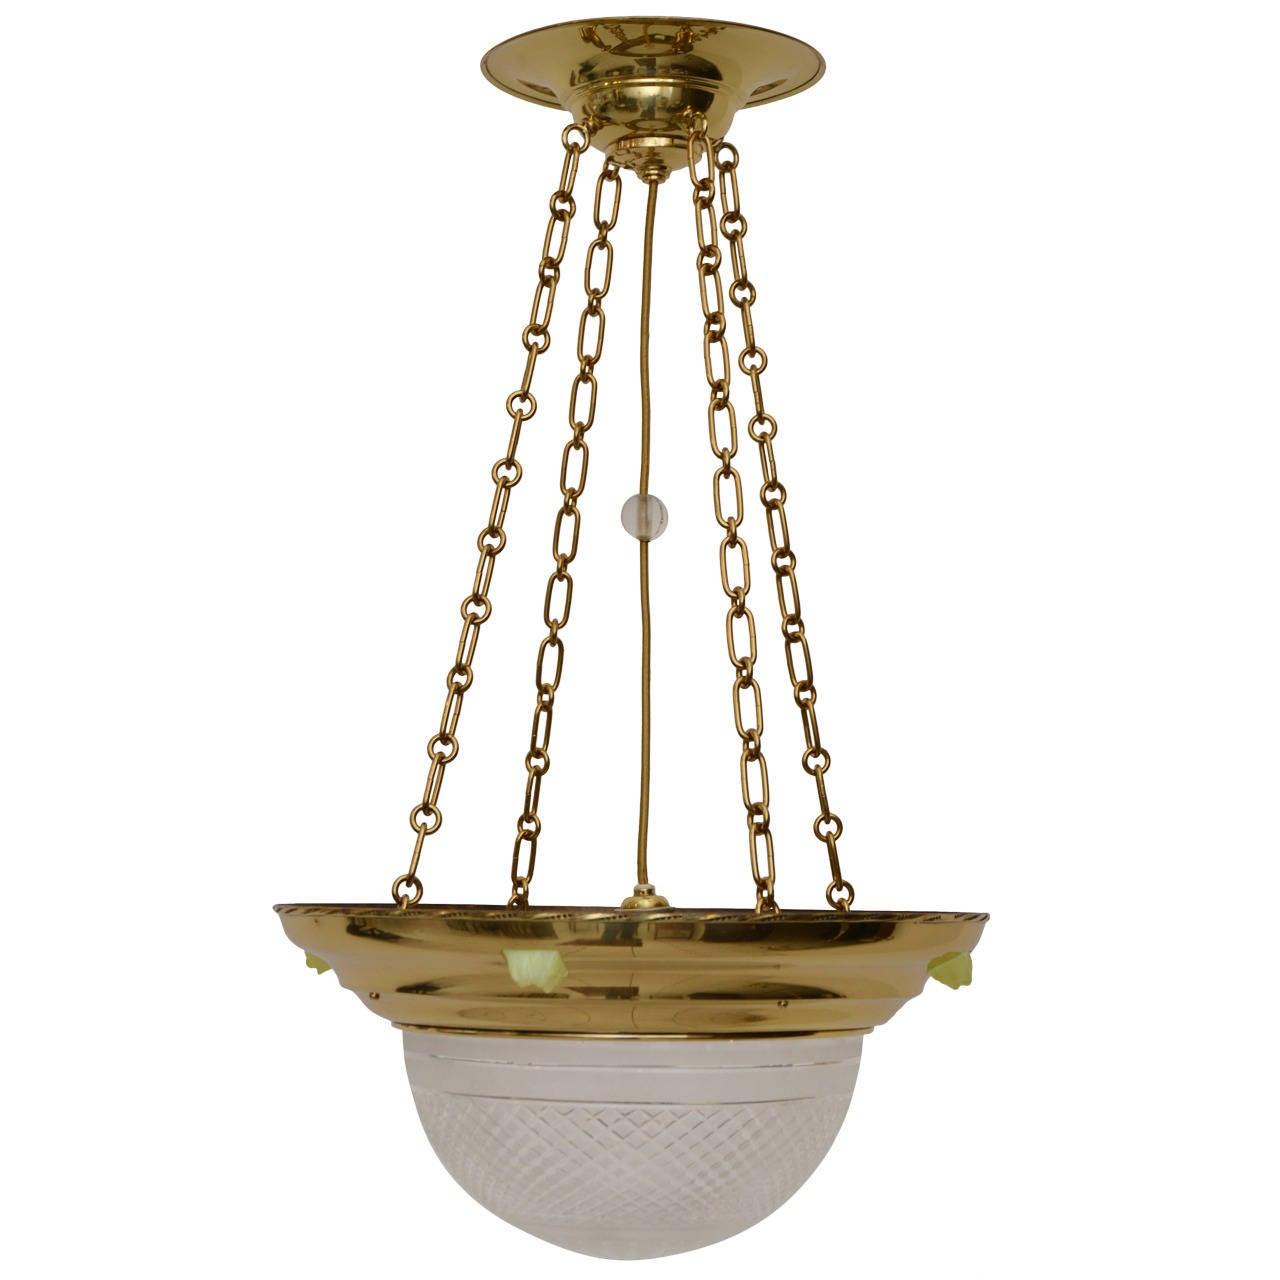 Art Nouveau Ceiling Lamp, circa 1906